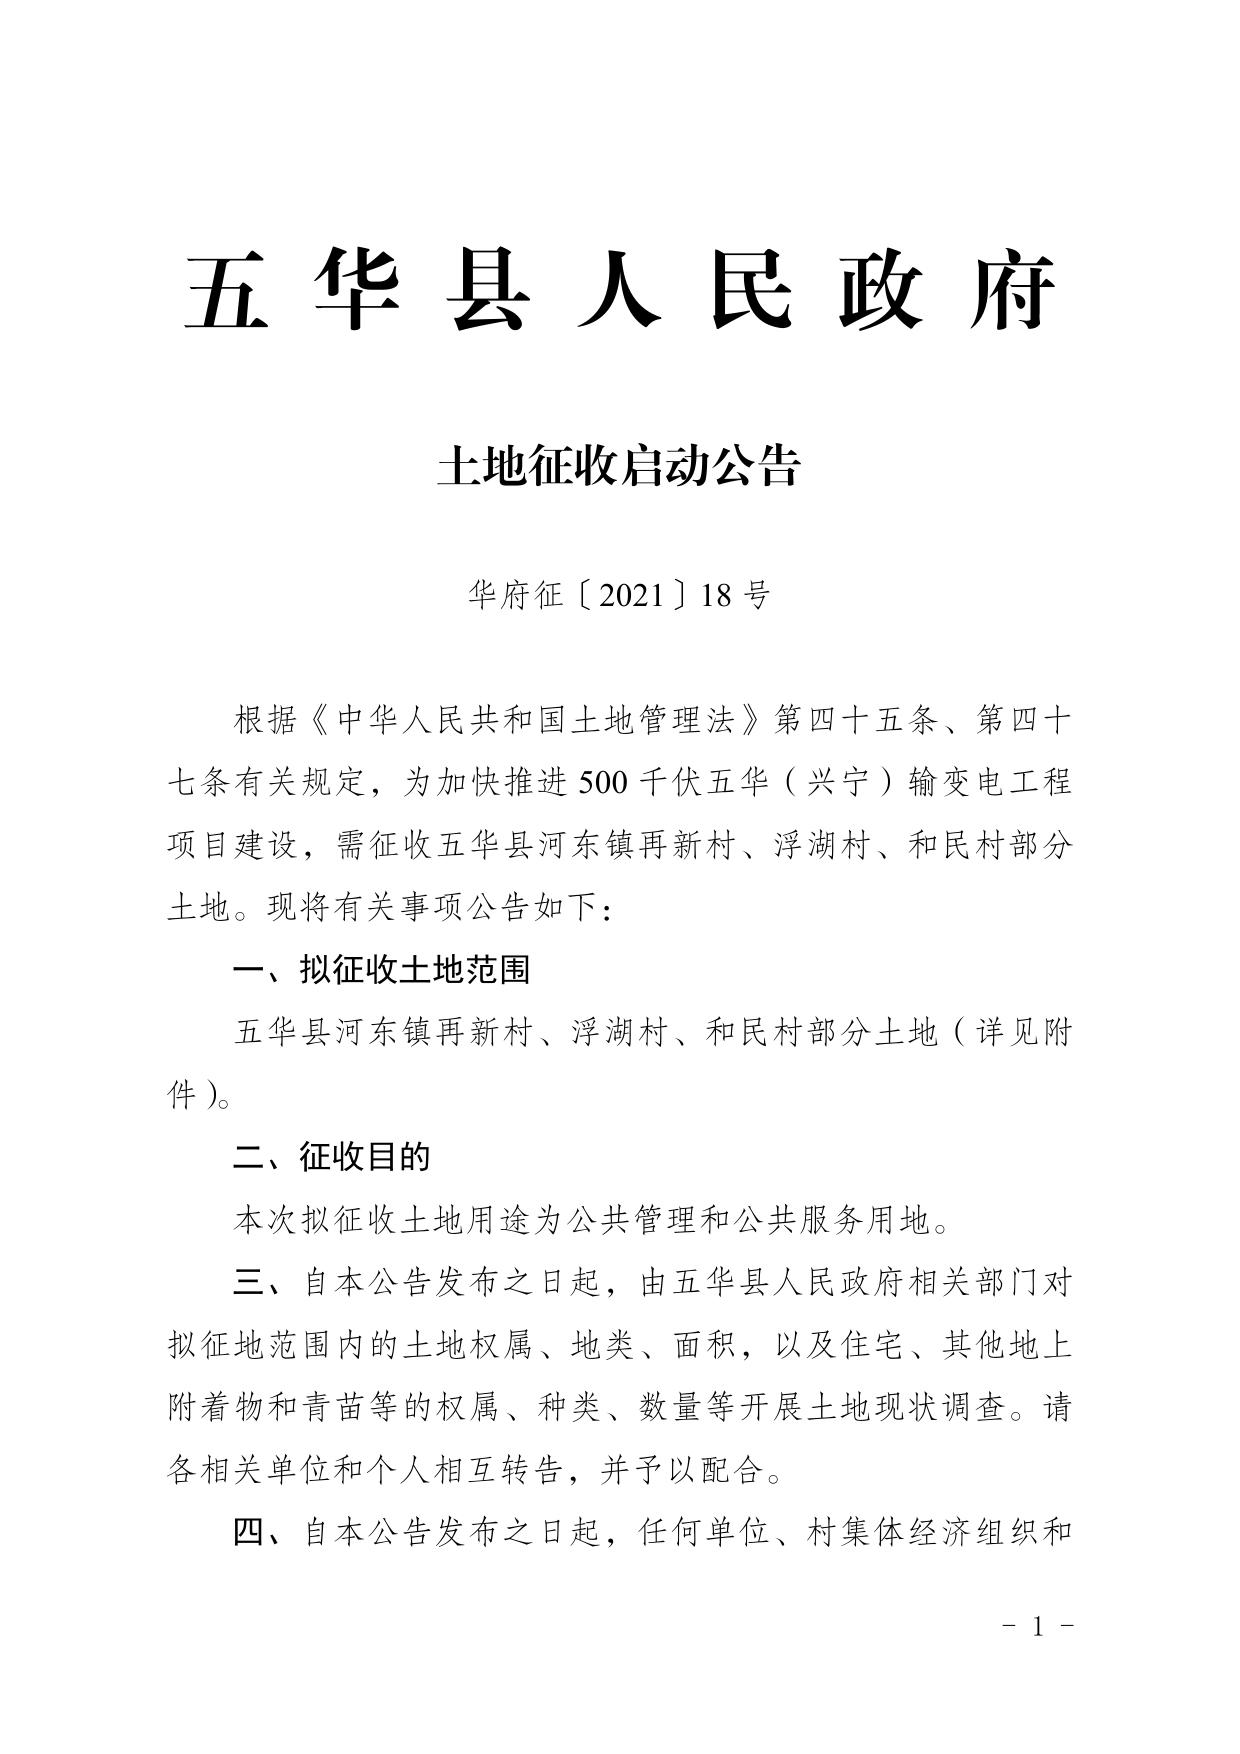 18号土地征收启动公告(500千伏五华(兴宁)输变电工程0000.jpg